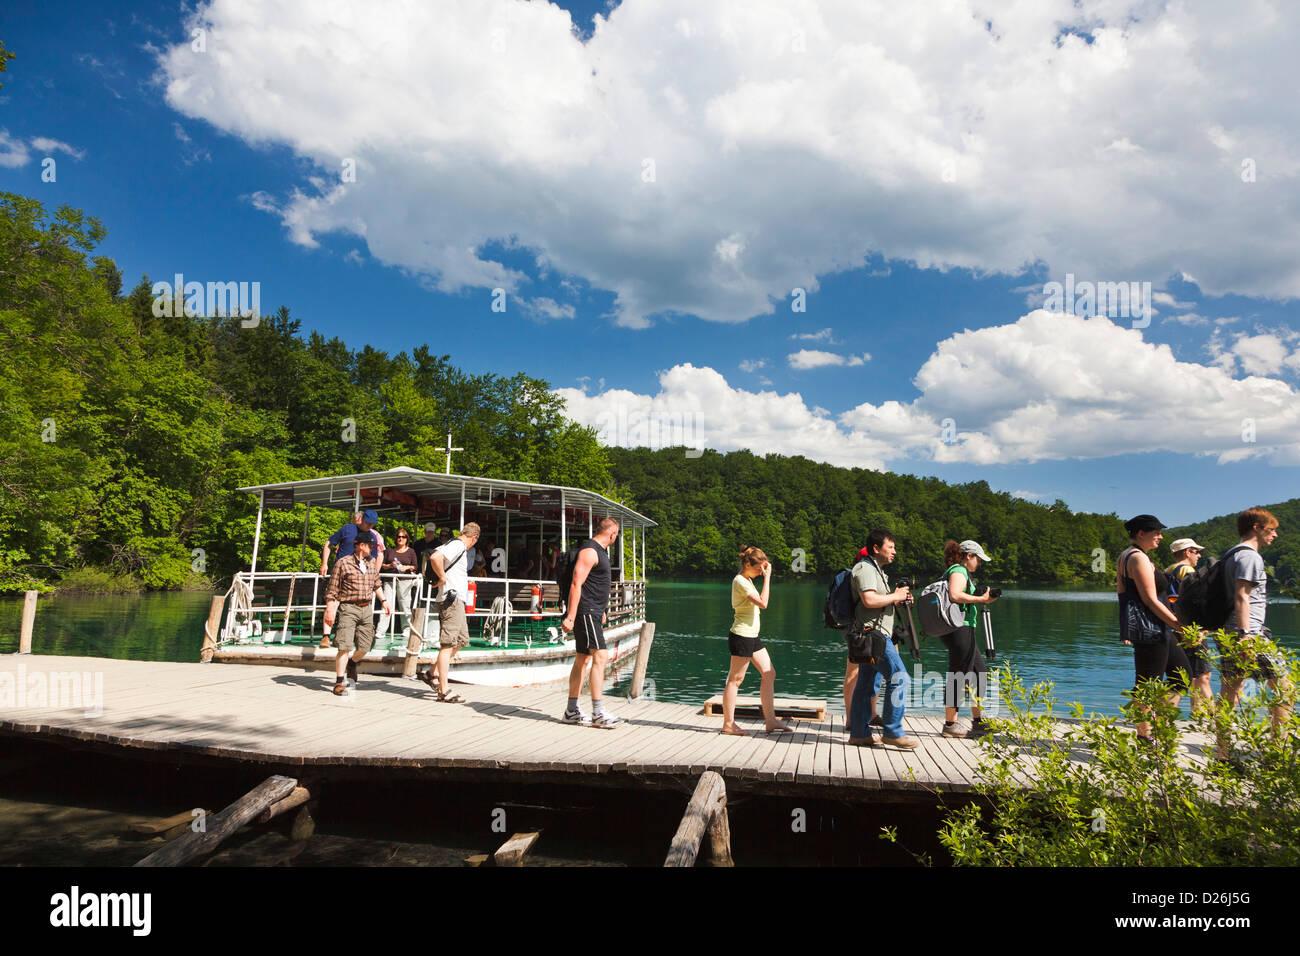 Los lagos de Plitvice en el Parque Nacional de Plitvicka Jezera. Los visitantes tomar un crucero por el lago Kozjak. Foto de stock